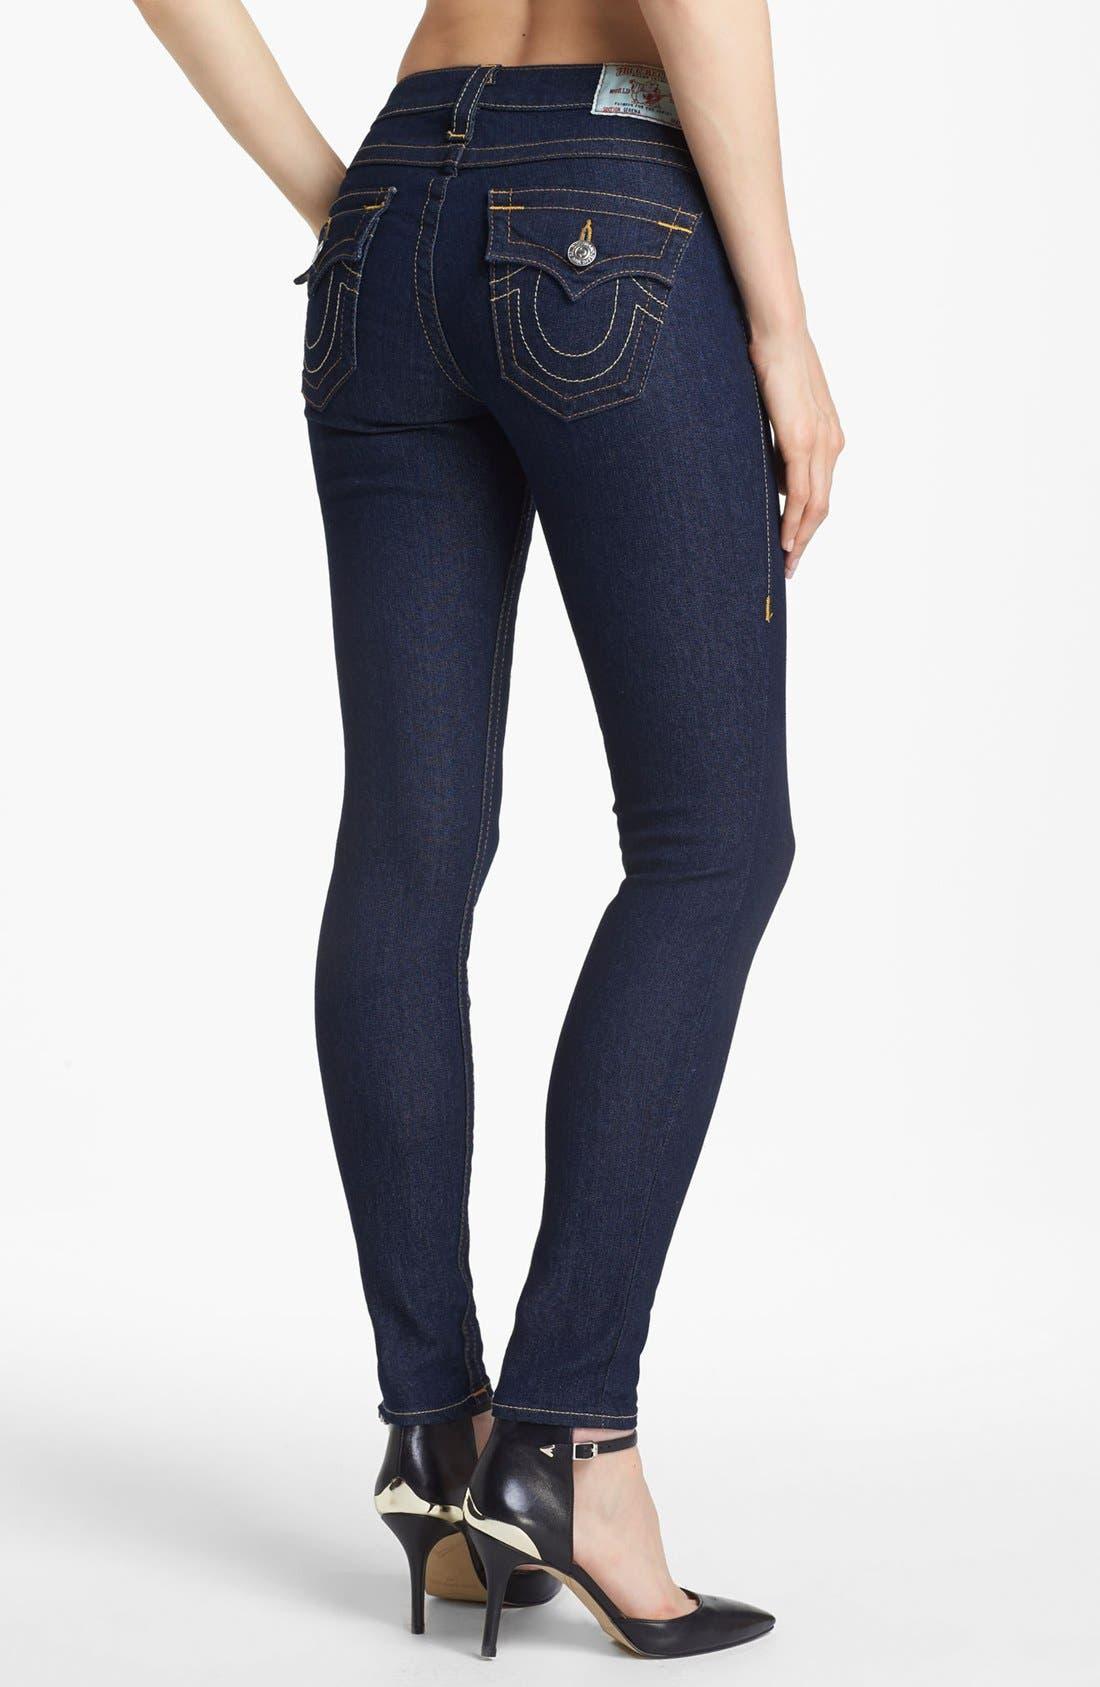 Alternate Image 2  - True Religion Brand Jeans 'Serena' Denim Leggings (Body Rinse) (Online Only)